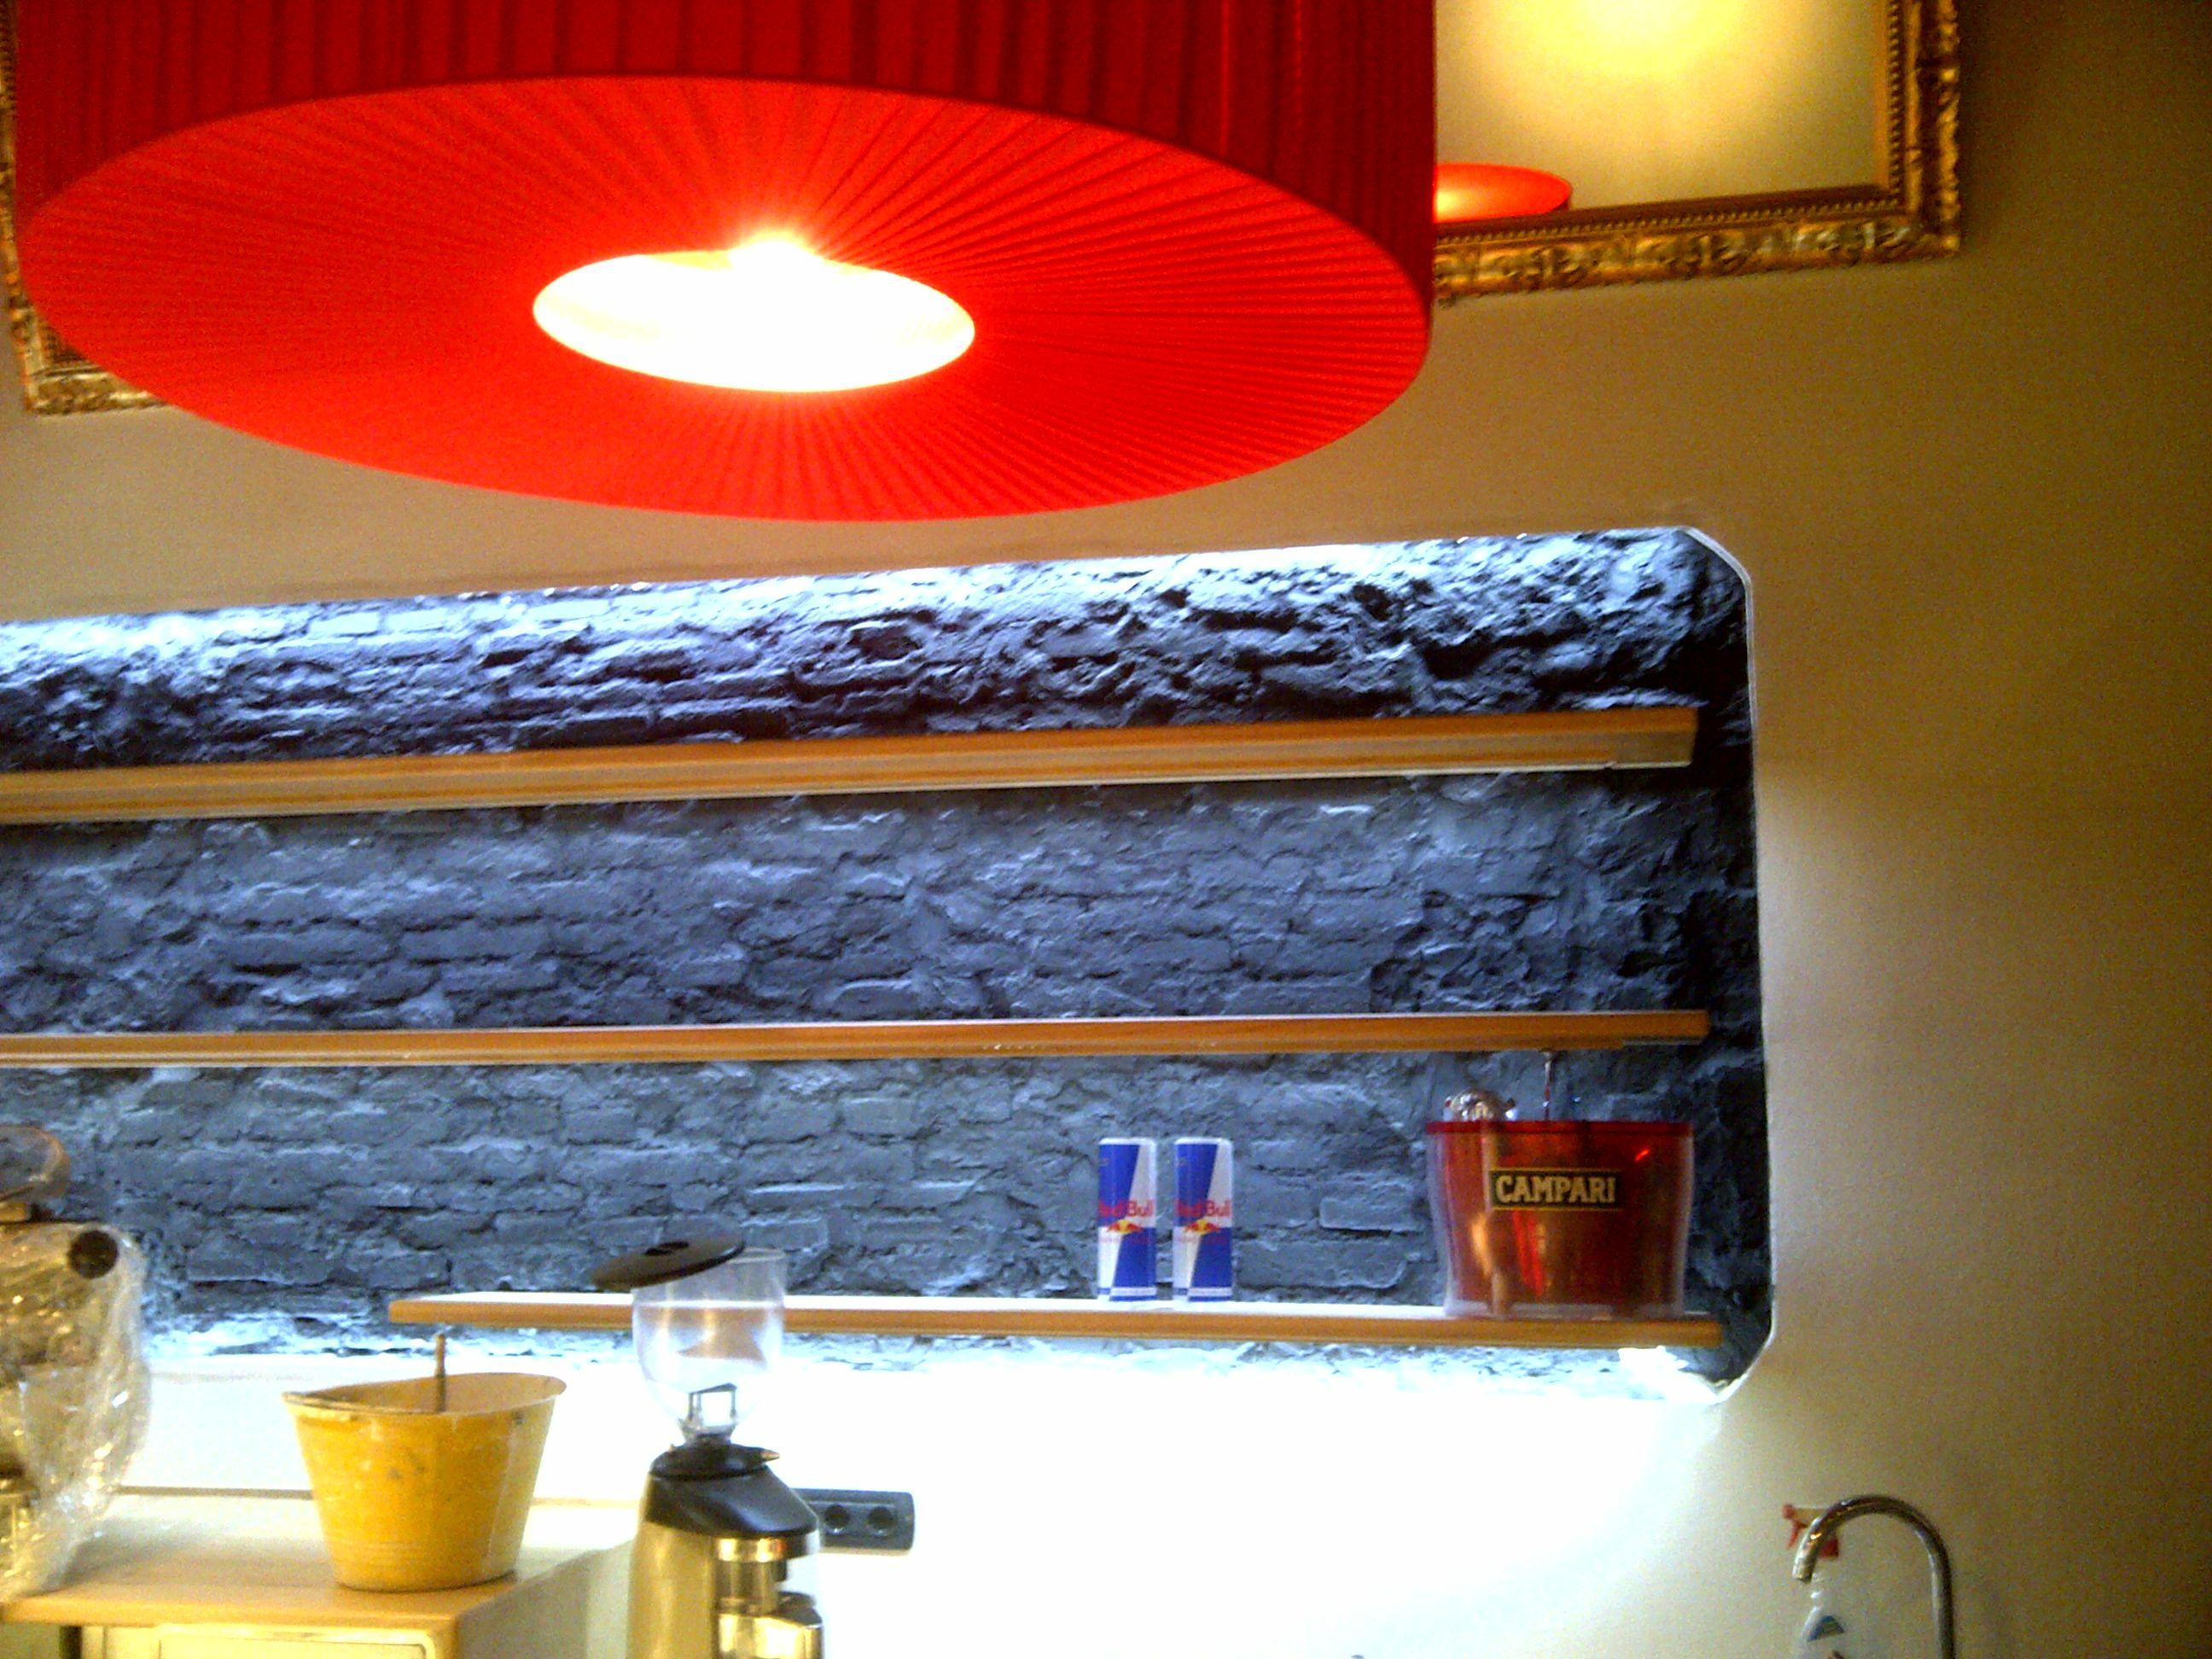 Dettaglio trattamento parete com led e tinte su struttura originaria con mensole expo in rovere.Ristrutturazione in palazzo storico del 1600 per Gallery art bar.